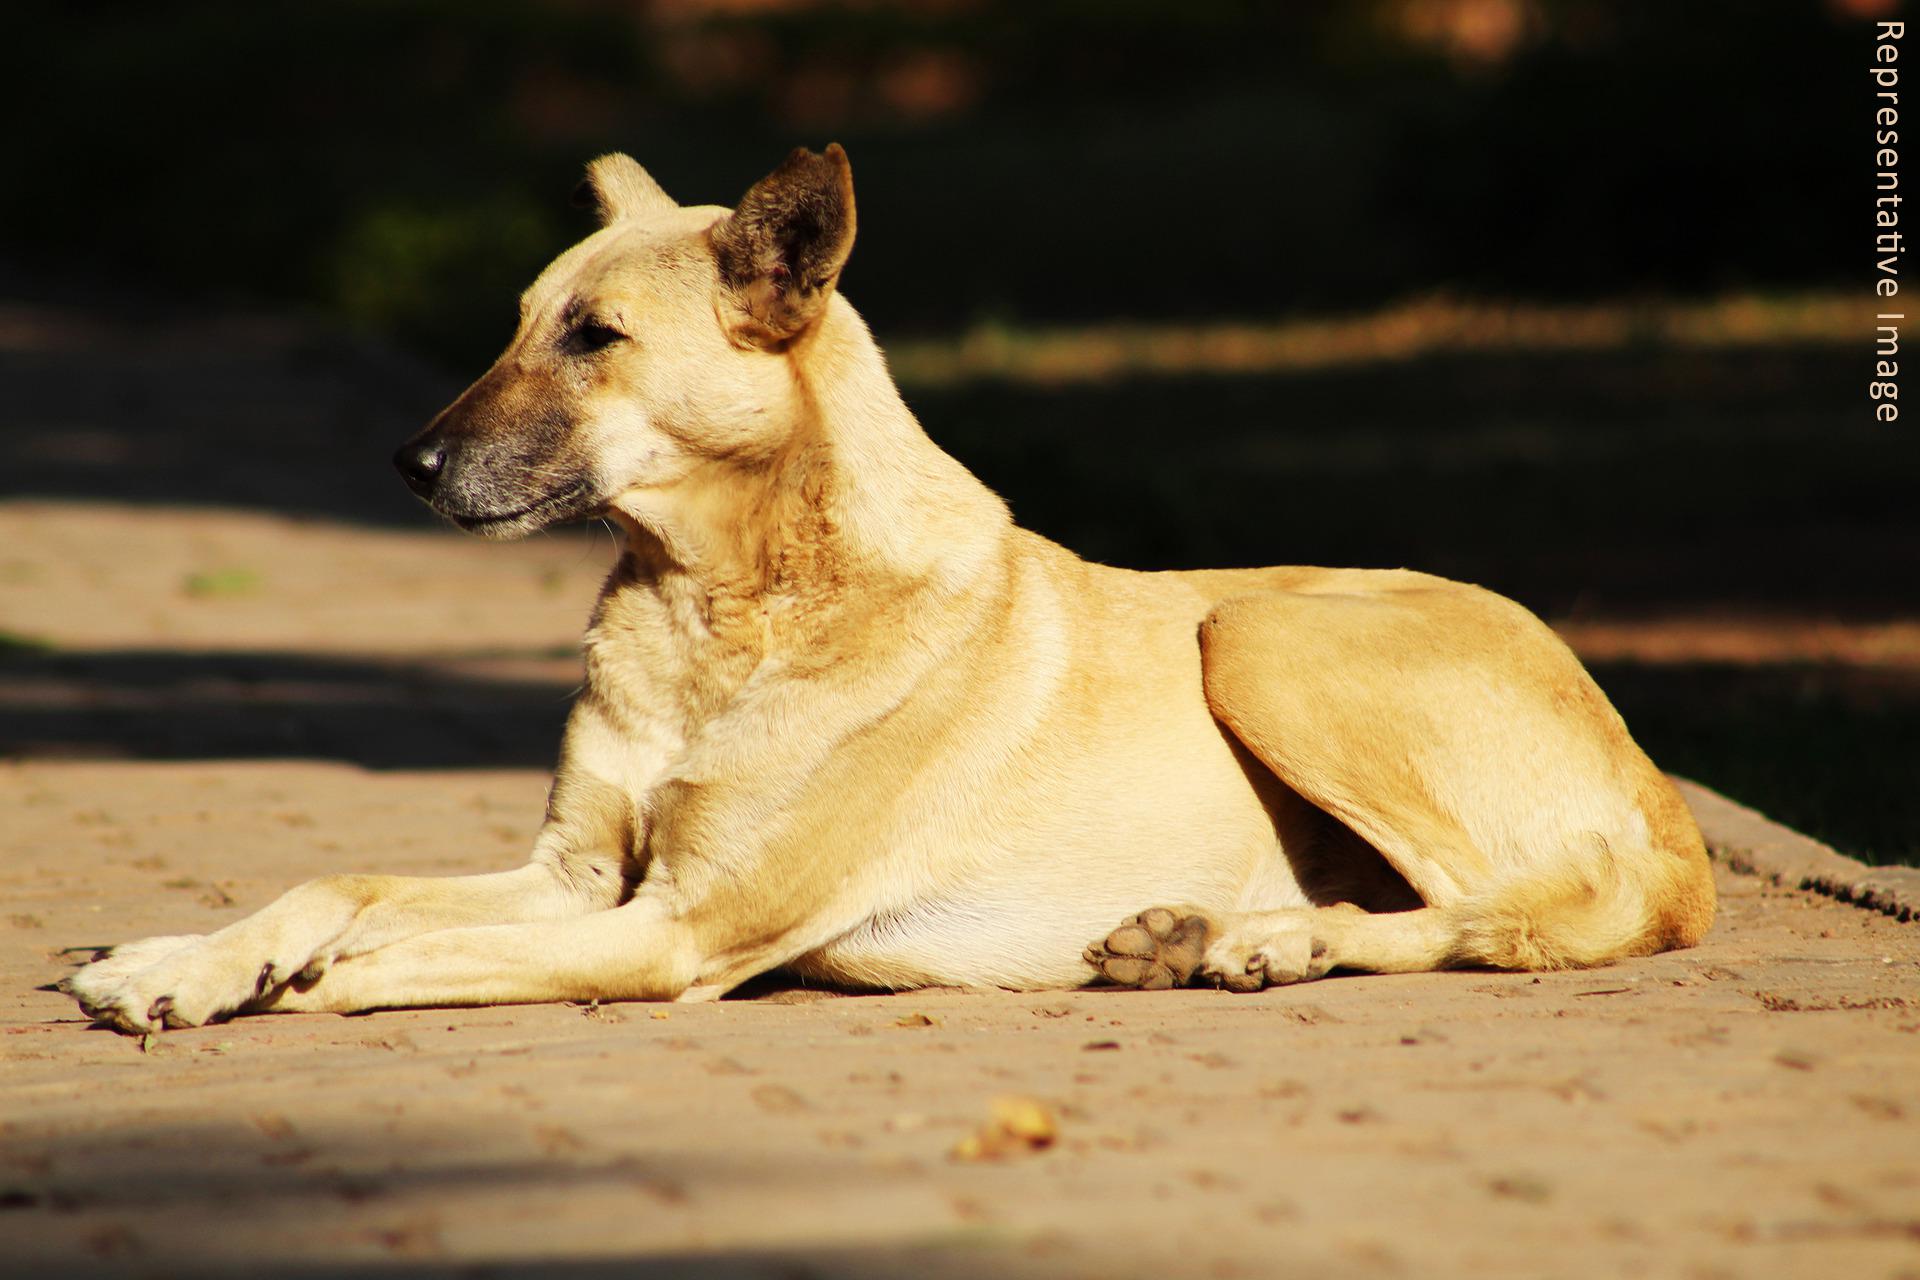 patna dog case - for blog